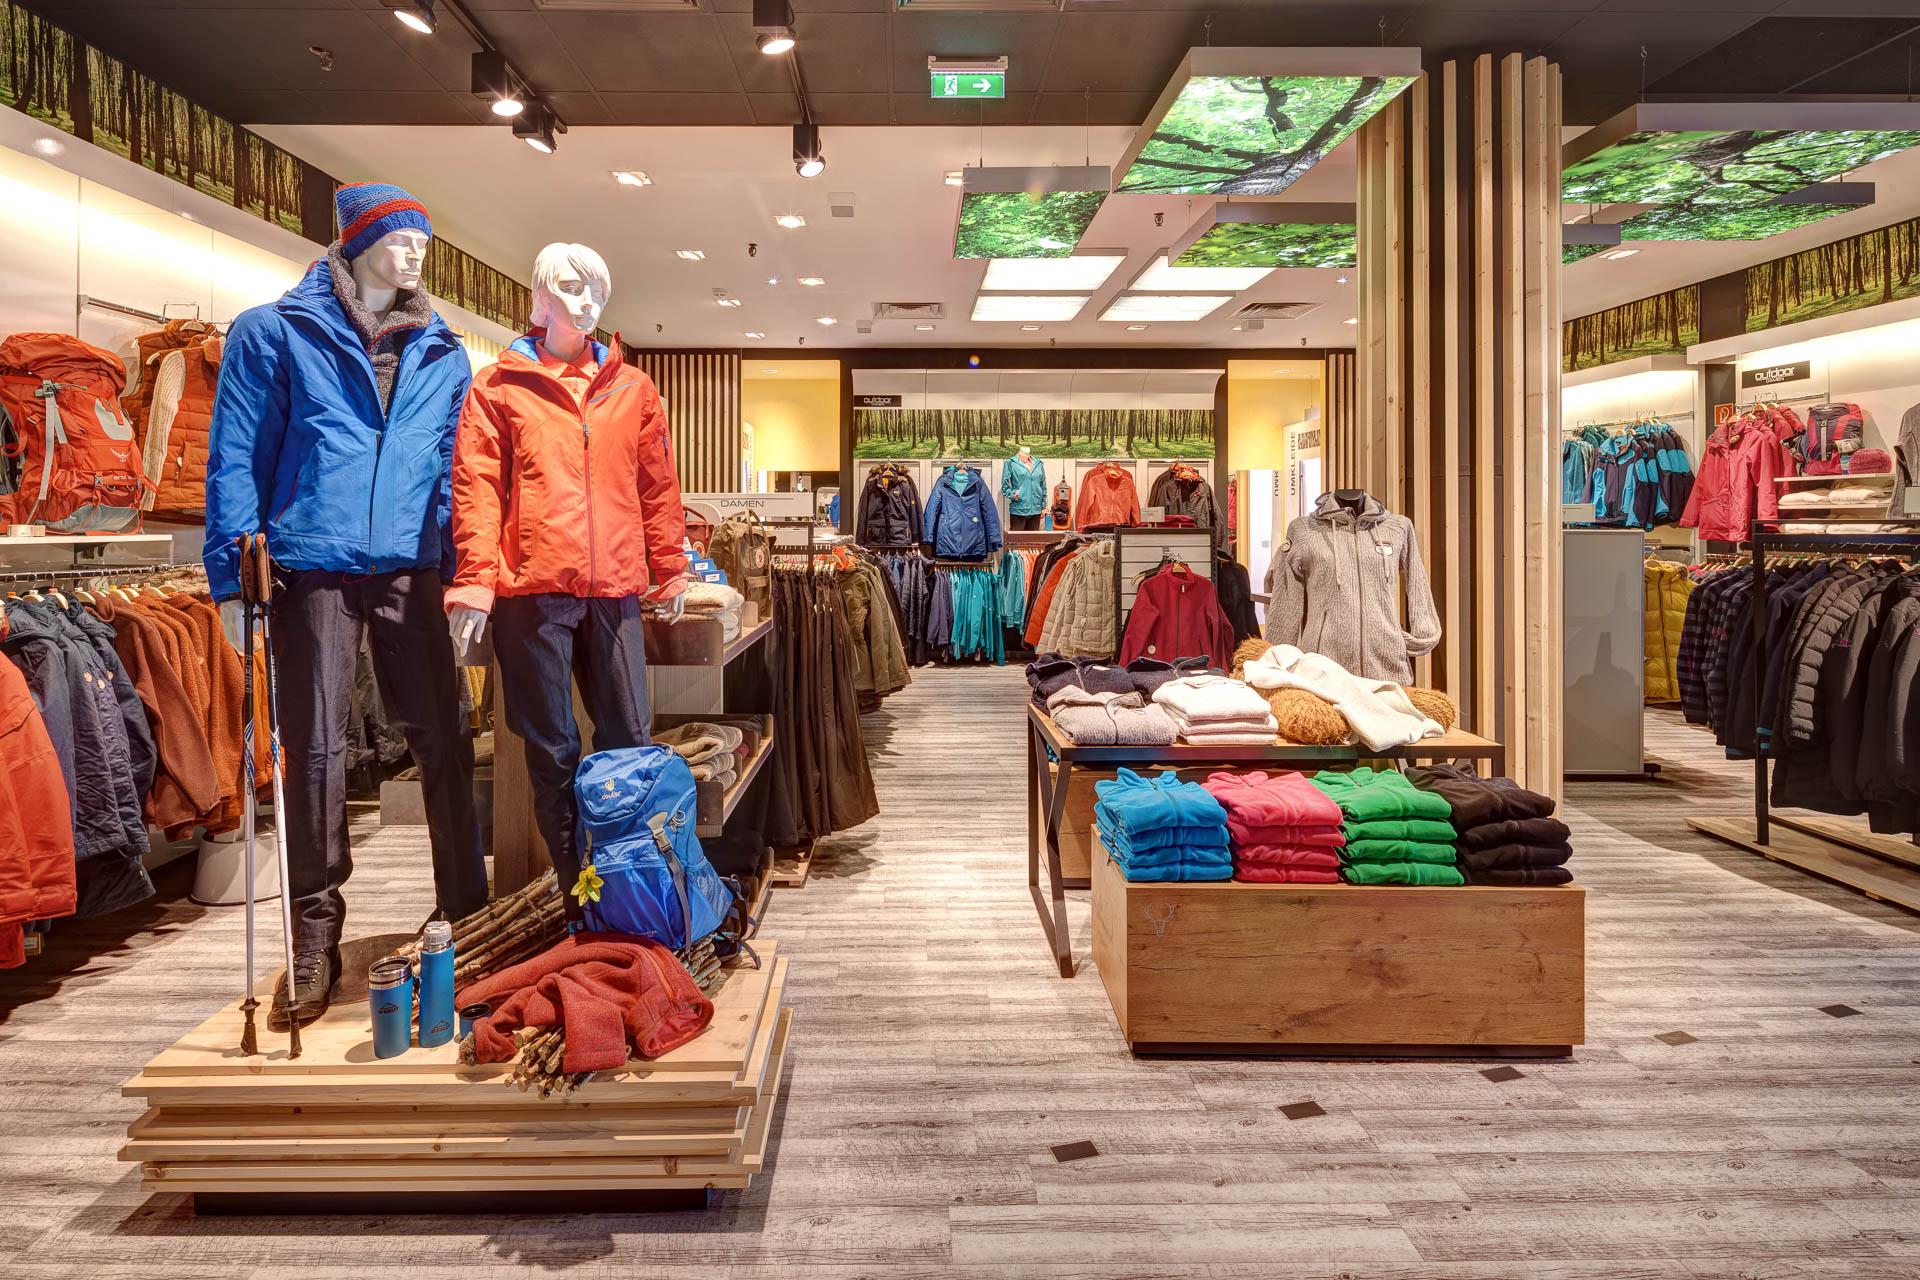 Retailfotografie in s ddeutschland und norddeutschland for Innenarchitektur lippstadt